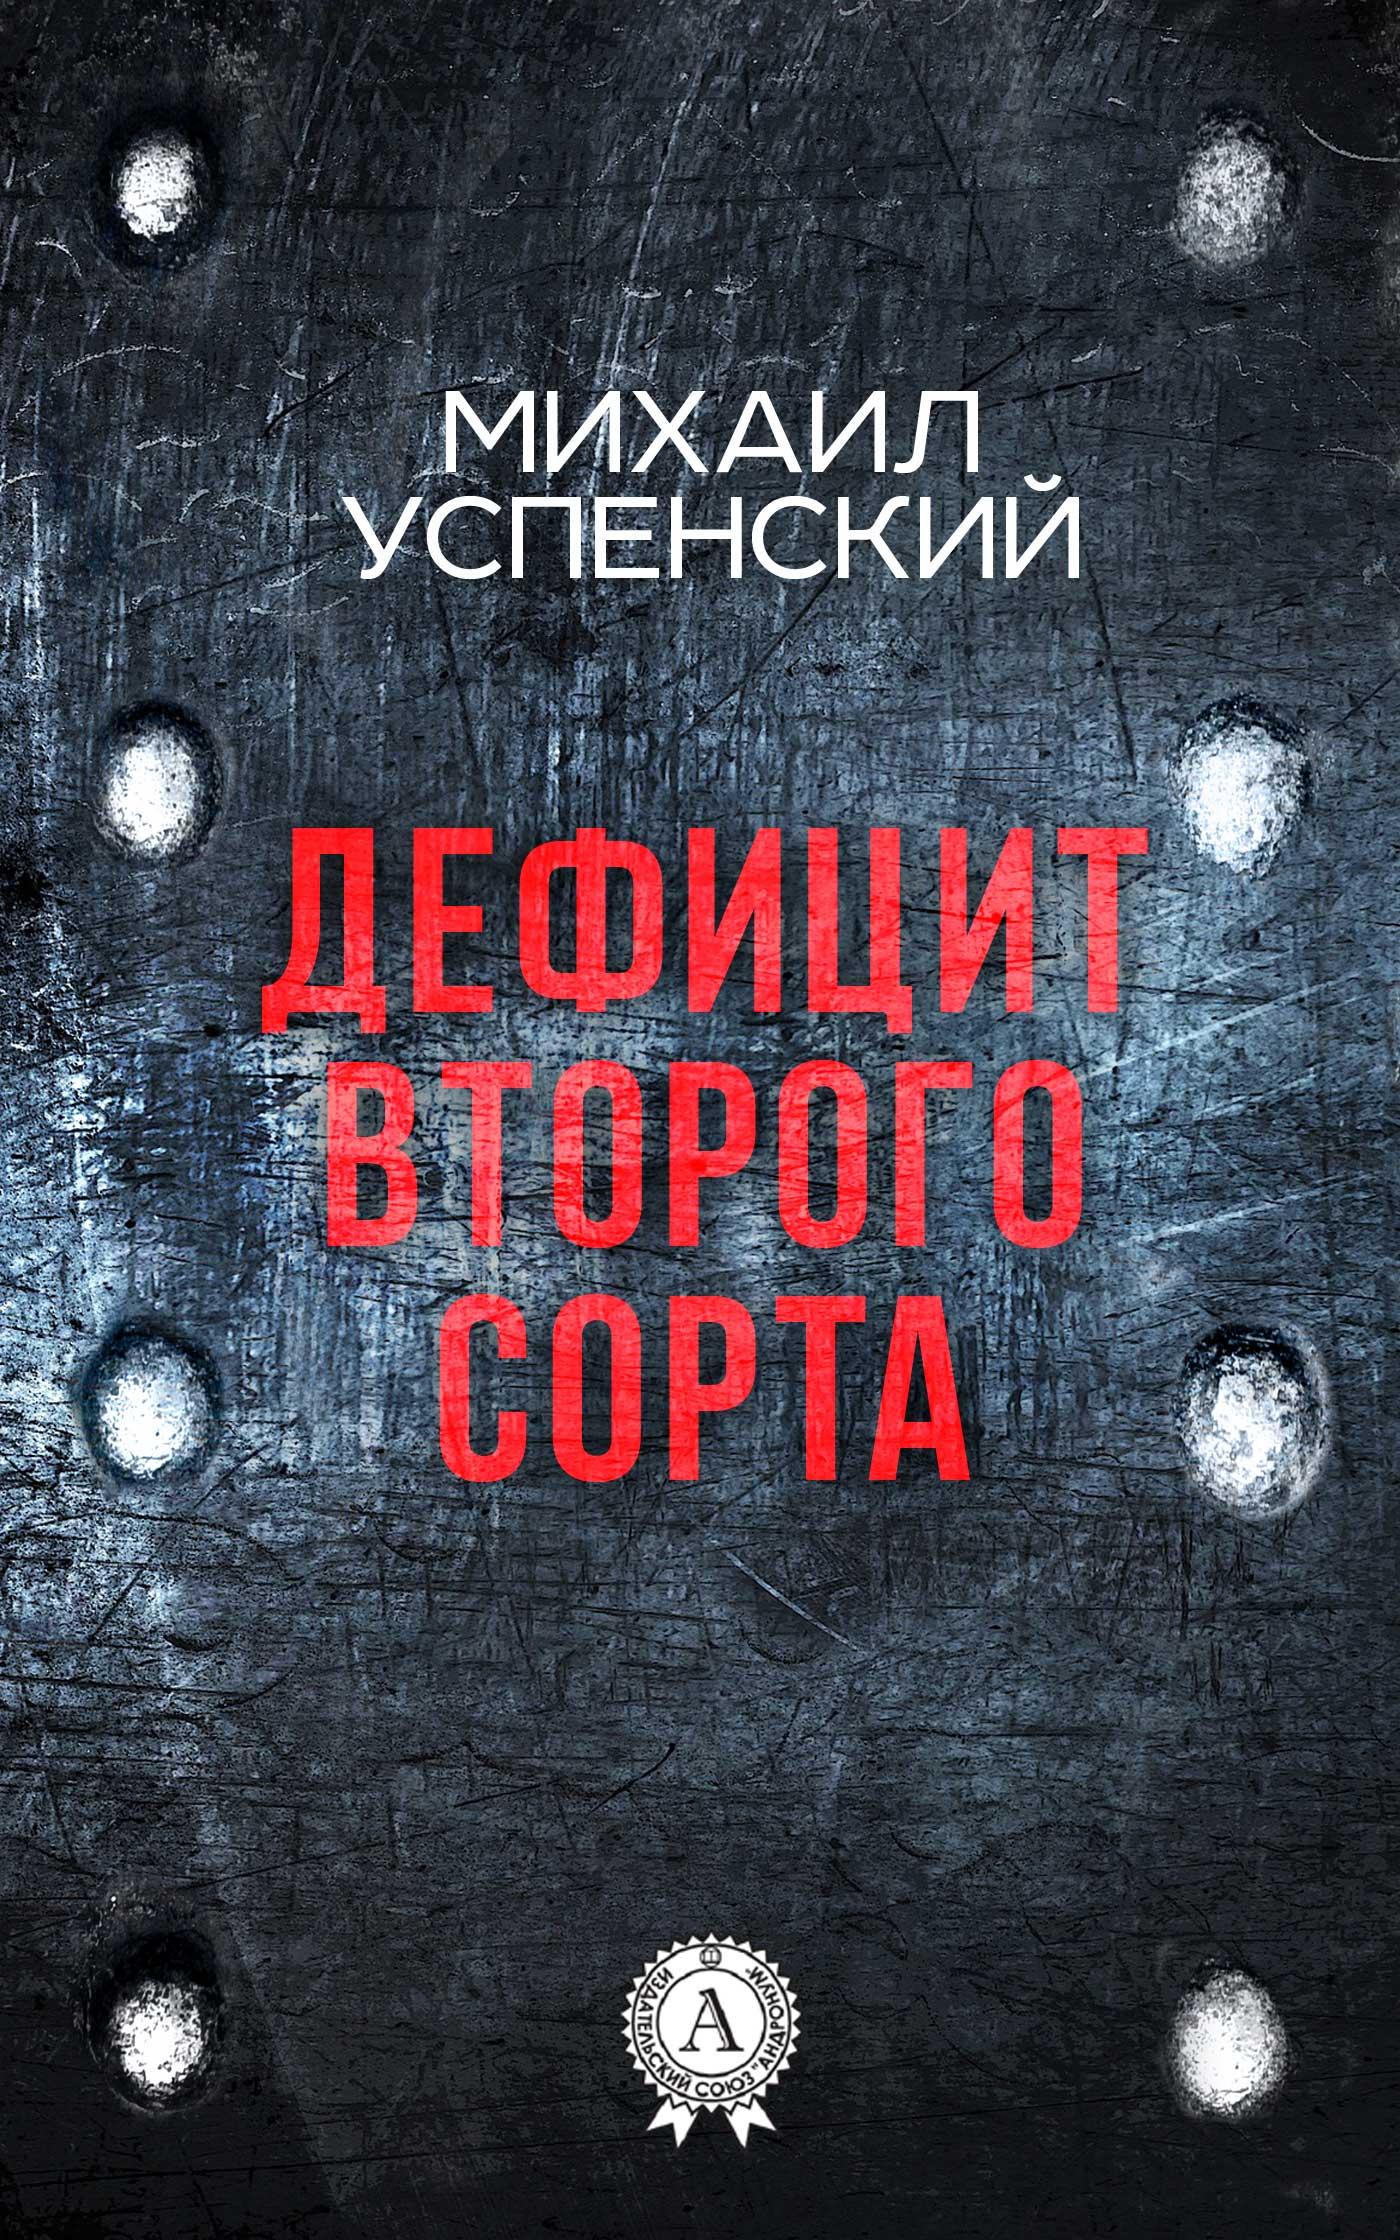 Михайло Успенський Дефицит второго сорта